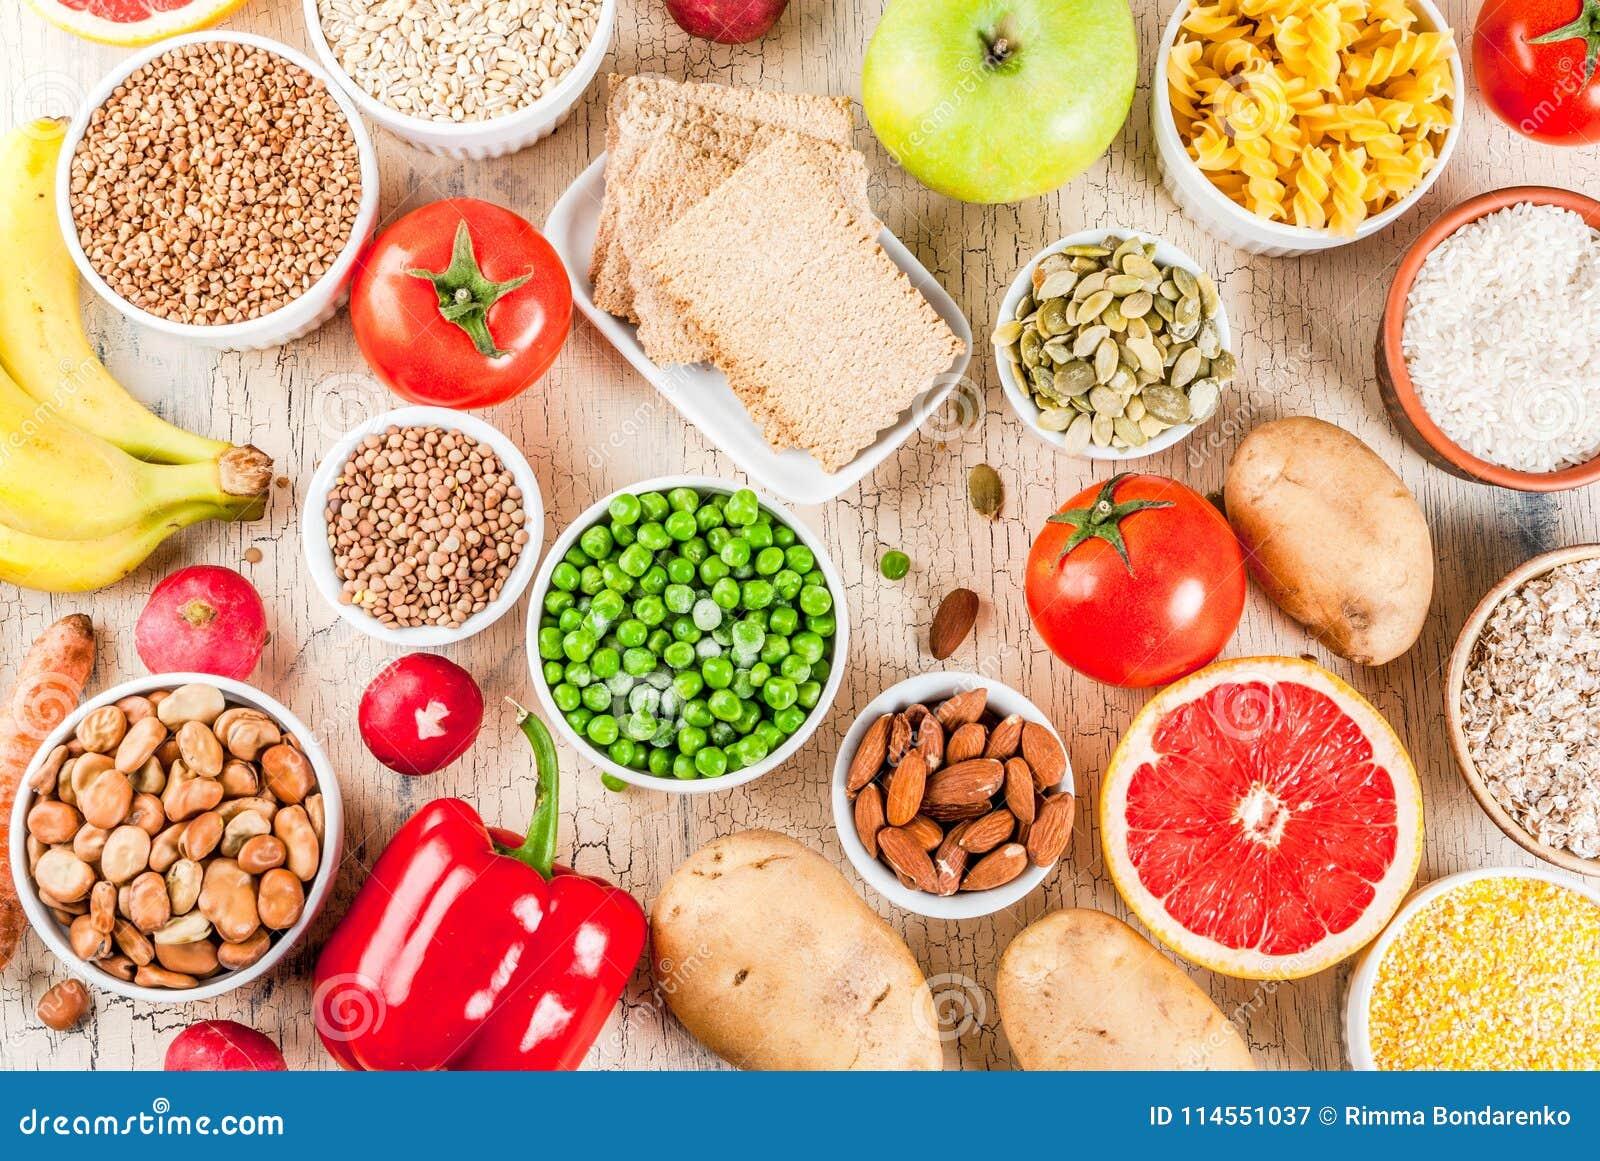 alimentos con hidratos de carbono sanos